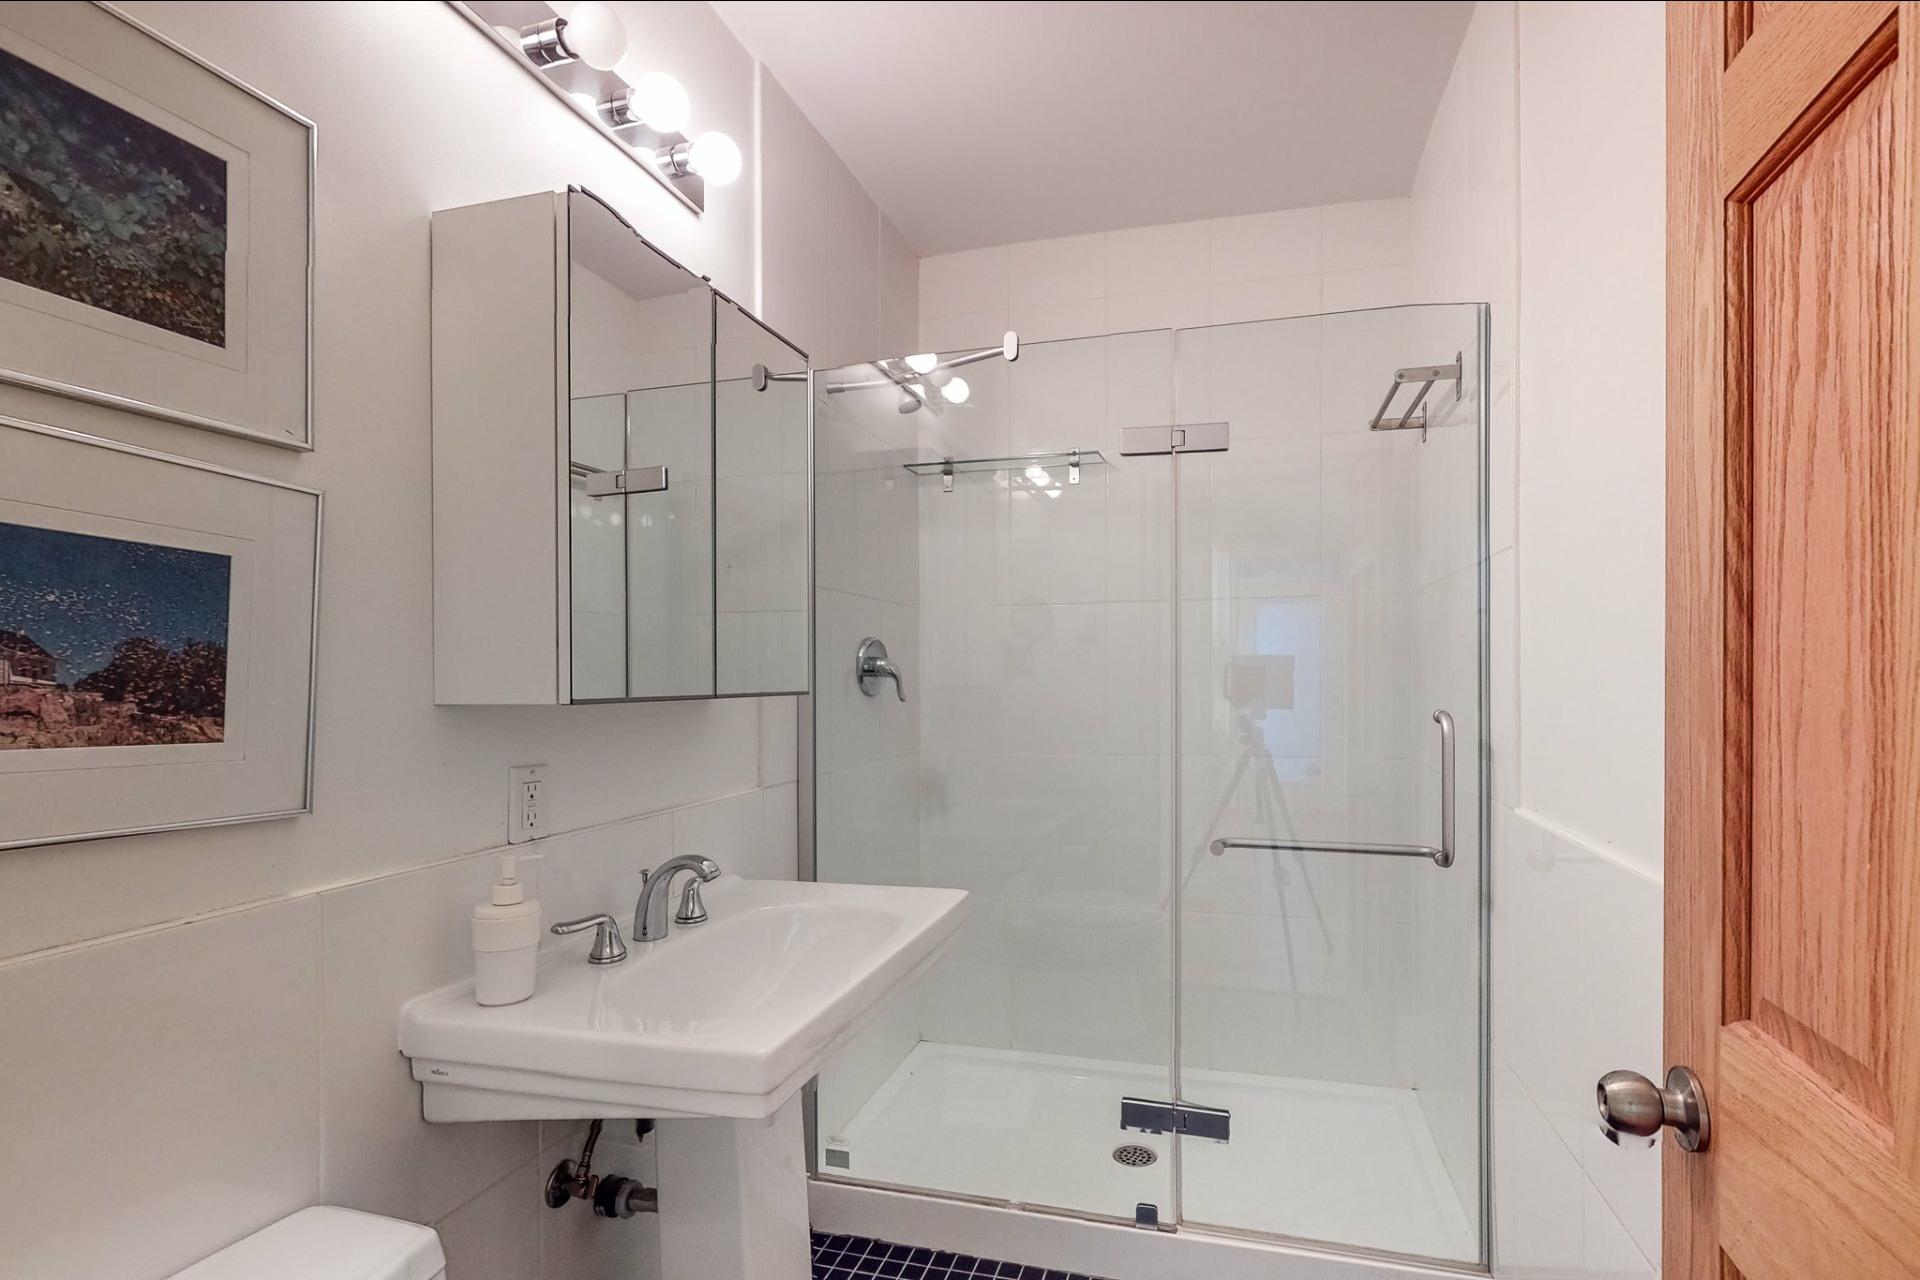 image 15 - Appartement À vendre Le Plateau-Mont-Royal Montréal  - 12 pièces